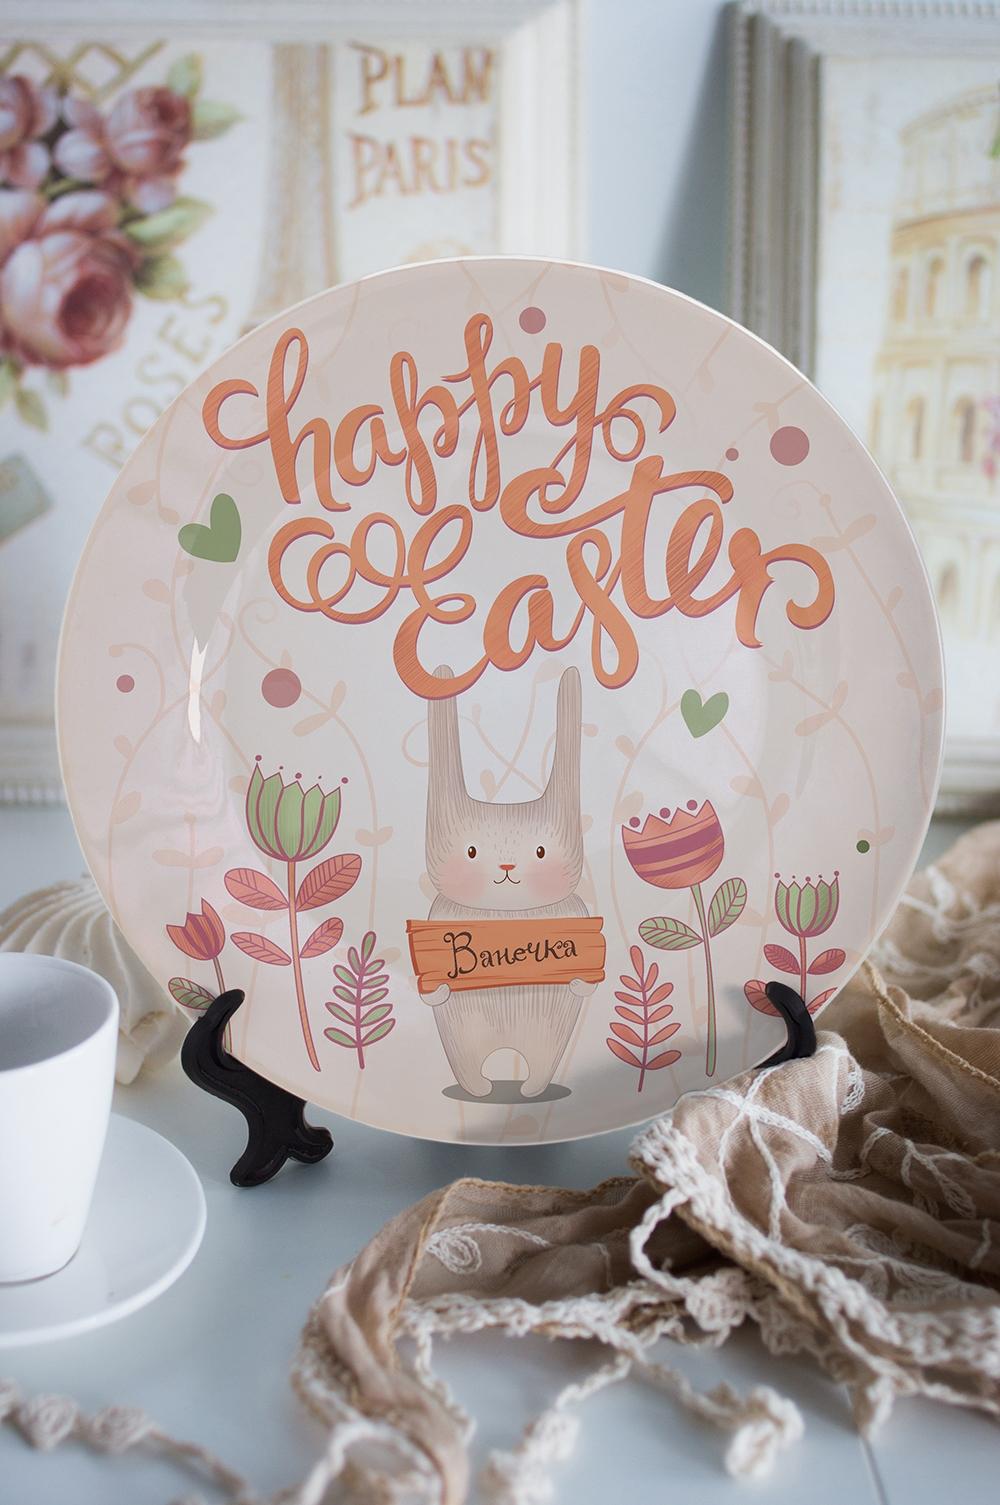 Тарелка декоративная с вашим текстом Happy EasterТарелки и блюда<br>Подарите необыкновенный сувенир с индивидуальной надписью и именем – такая декоративная тарелка станет эксклюзивным украшением для интерьера и незабываемым подарком! Выберите понравившийся фон, впишите любимую фразу, имя получателя. Диаметр 20см<br>